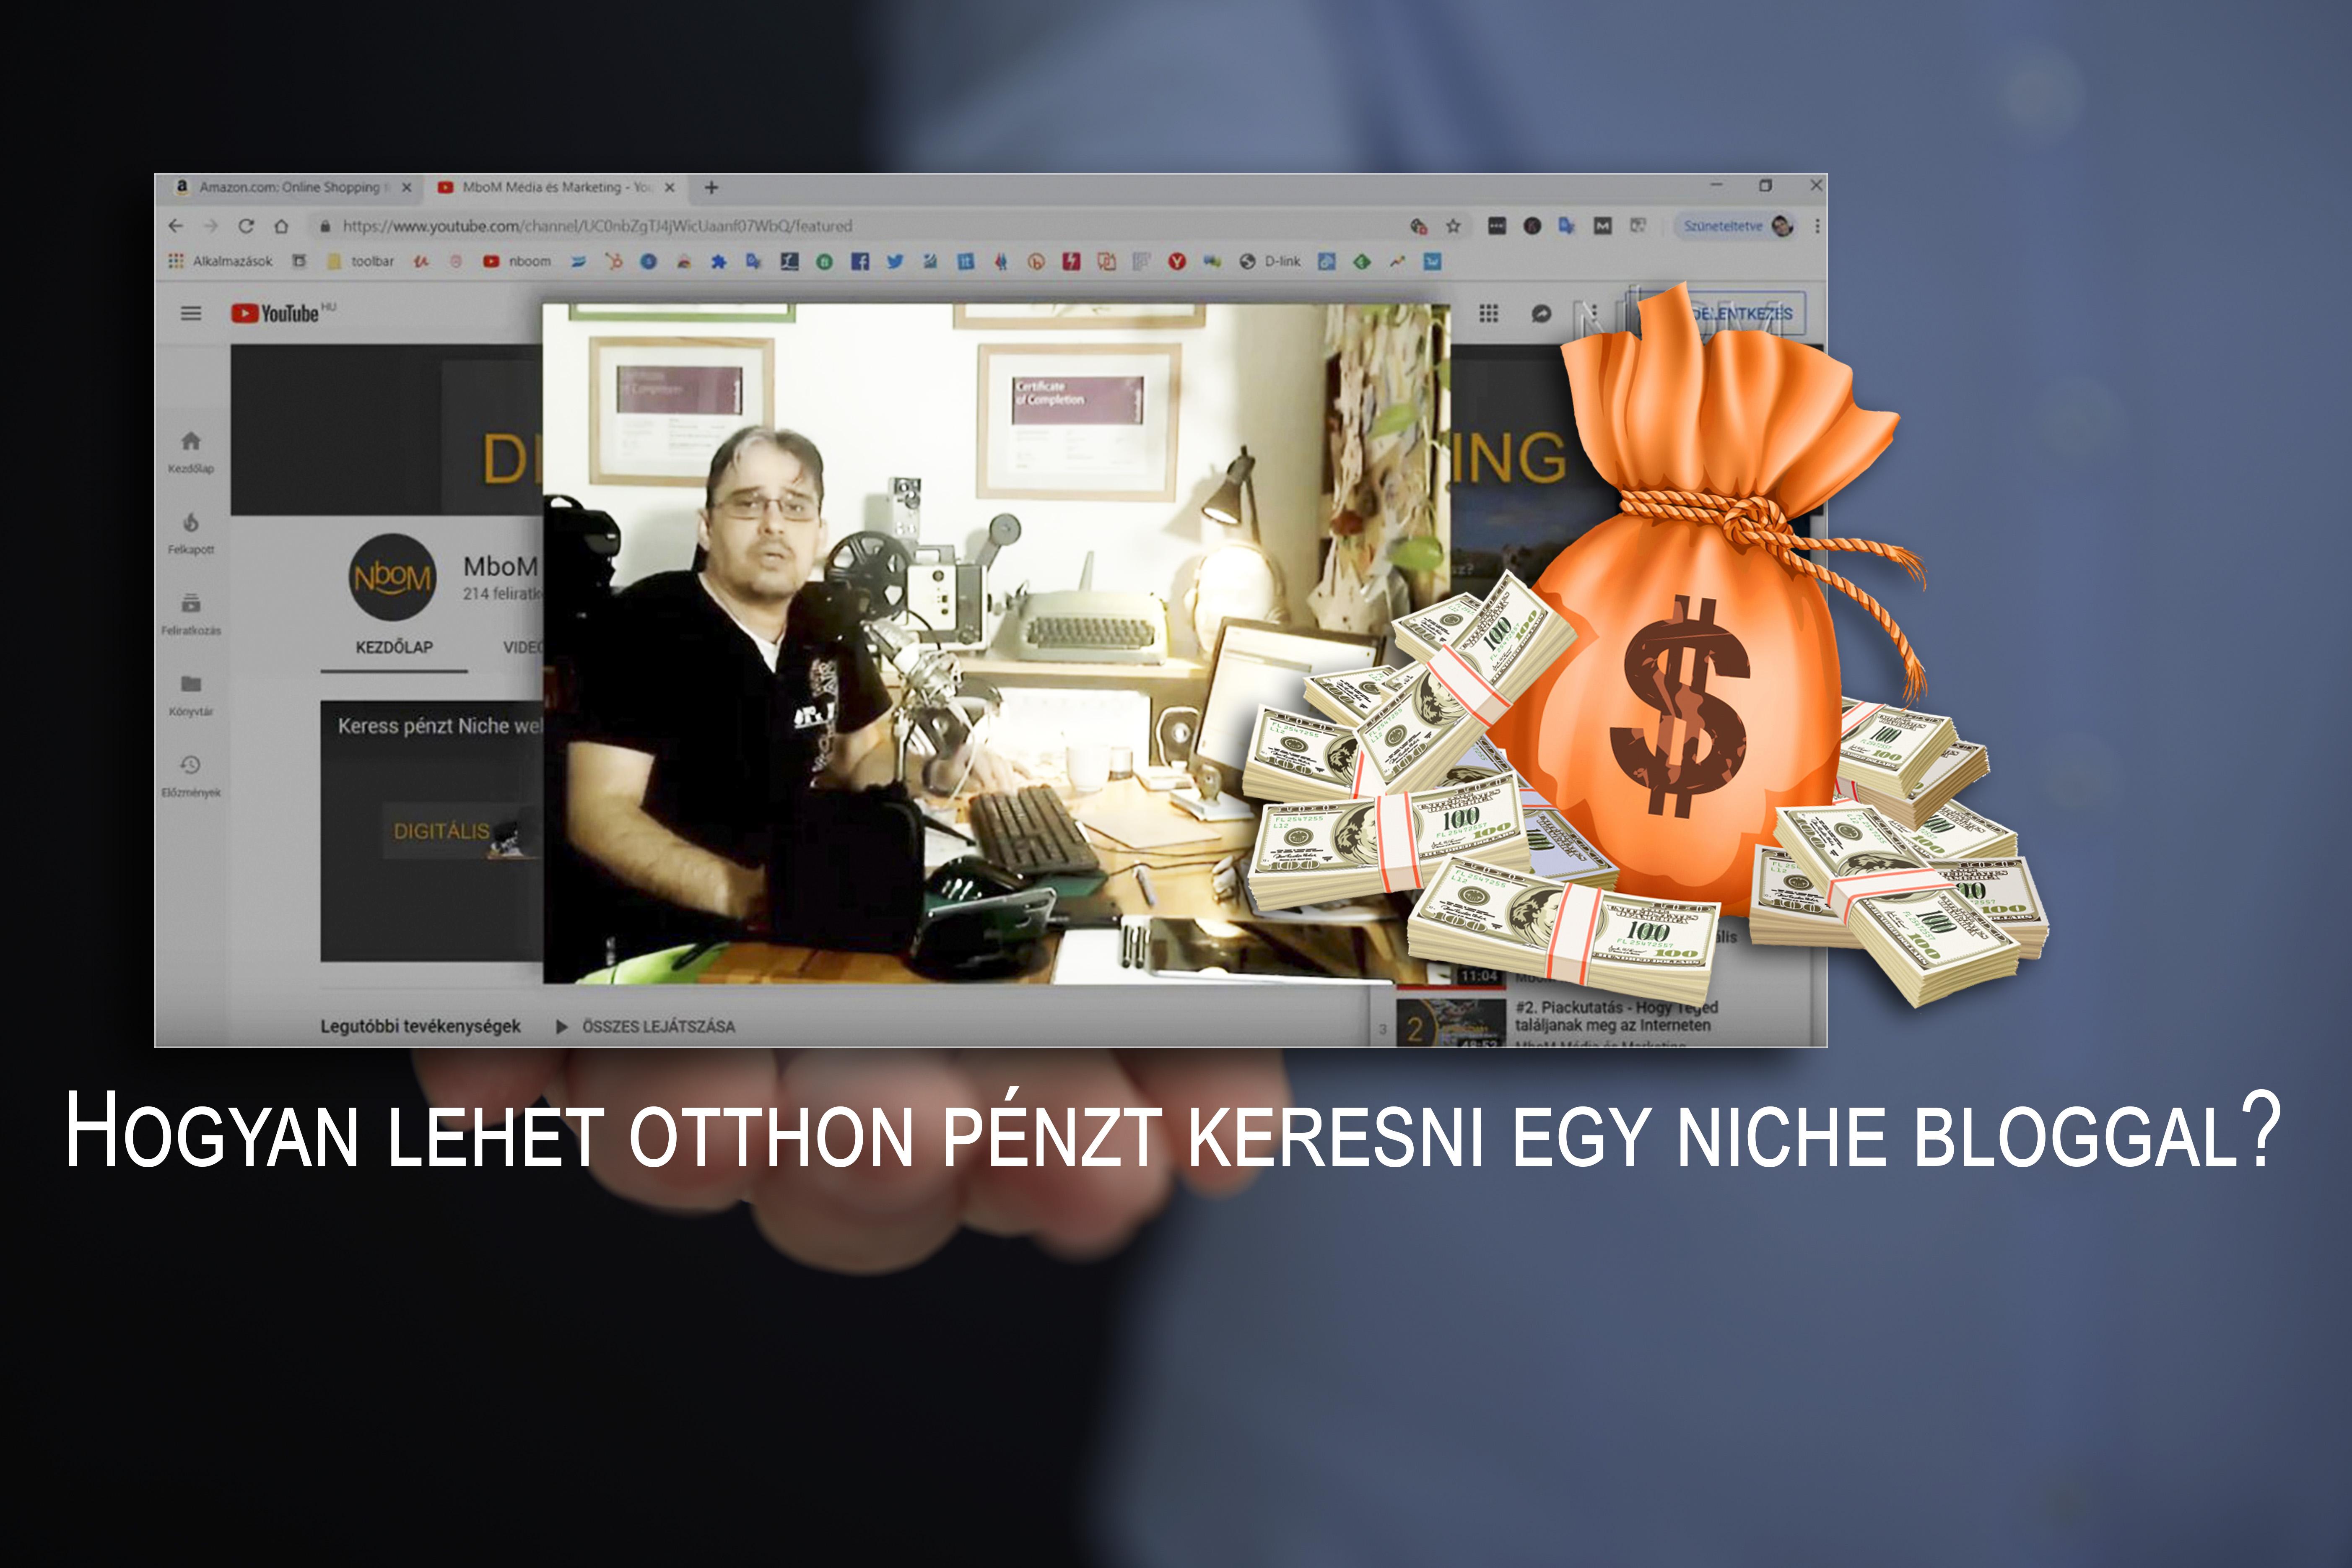 hogyan lehet pénzt keresni mennyiségben)